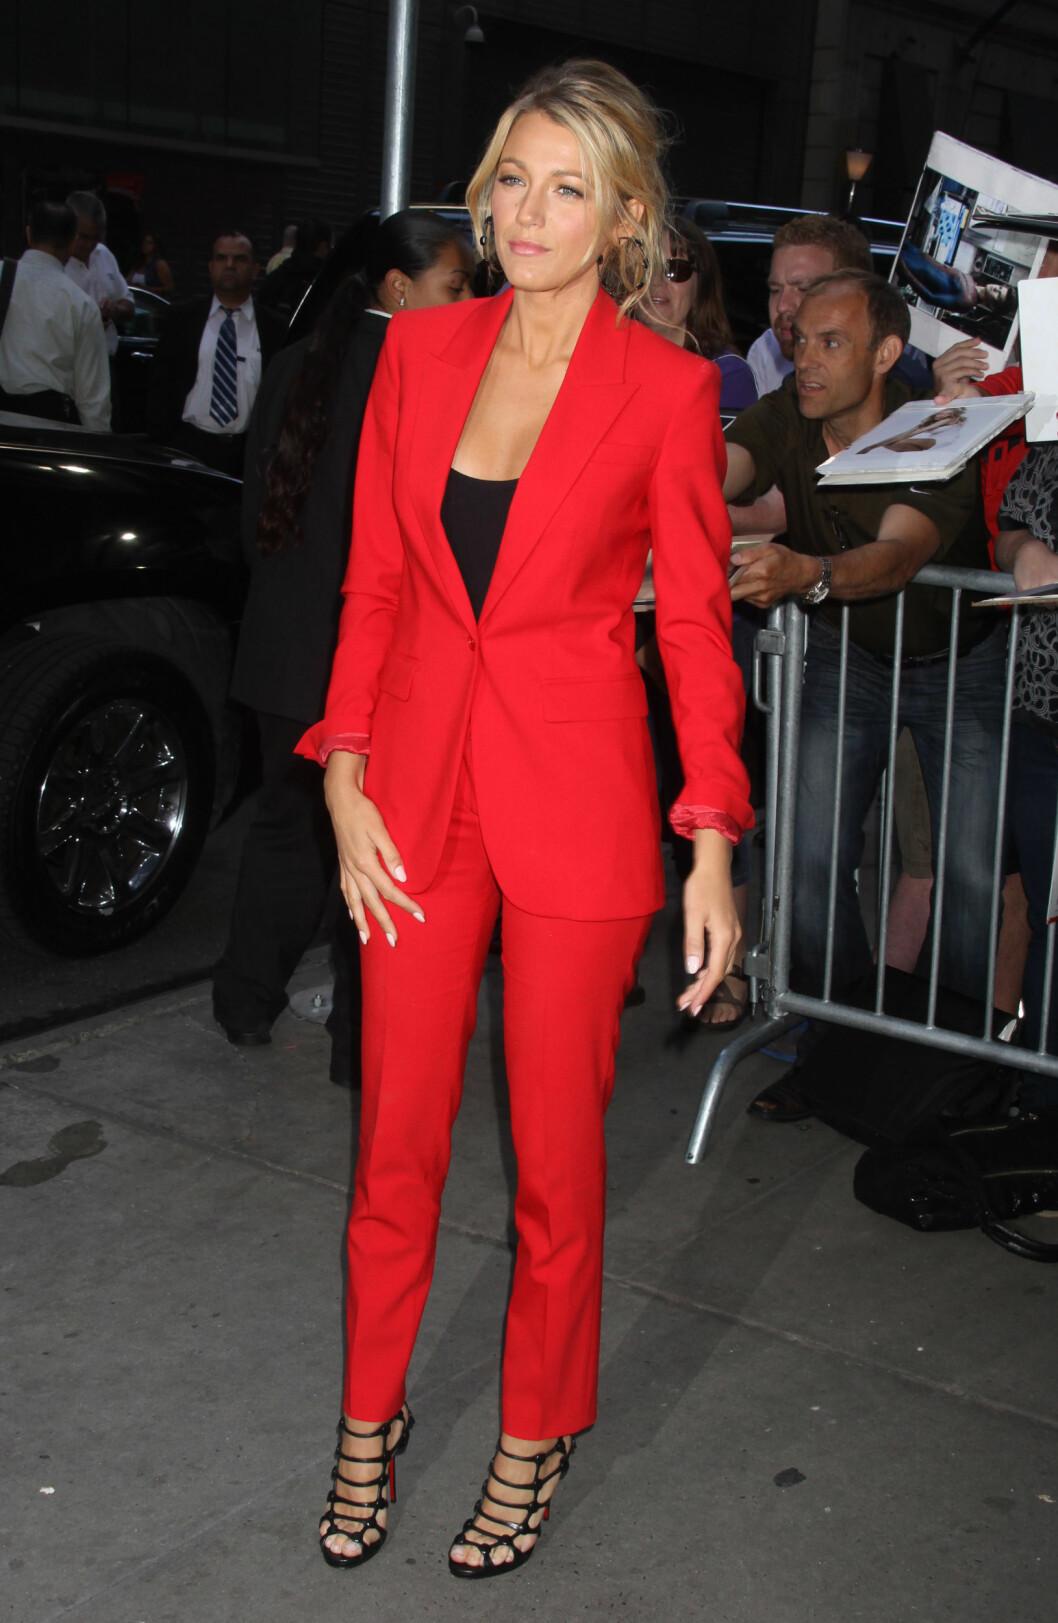 <strong>FUNKY FARGE:</strong> Skuespiller Blake Lively valgte en fresh rødfarge på sin buksedress da hun deltok på et kjendisevent i New York i 2012. Foto: NTB Scanpix